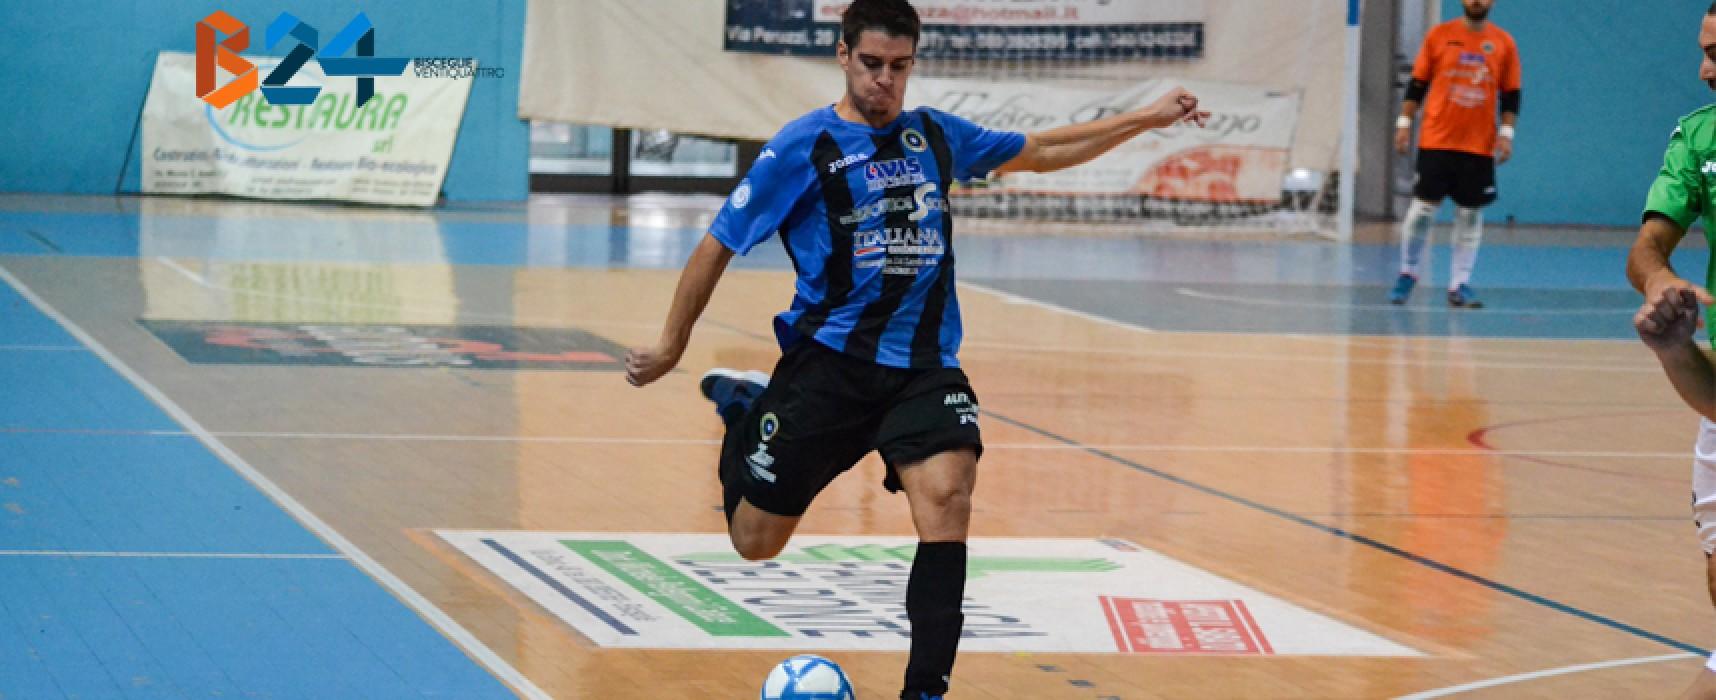 Futsal Bisceglie: pari, polemiche ed emozioni. A Rutigliano è 3-3